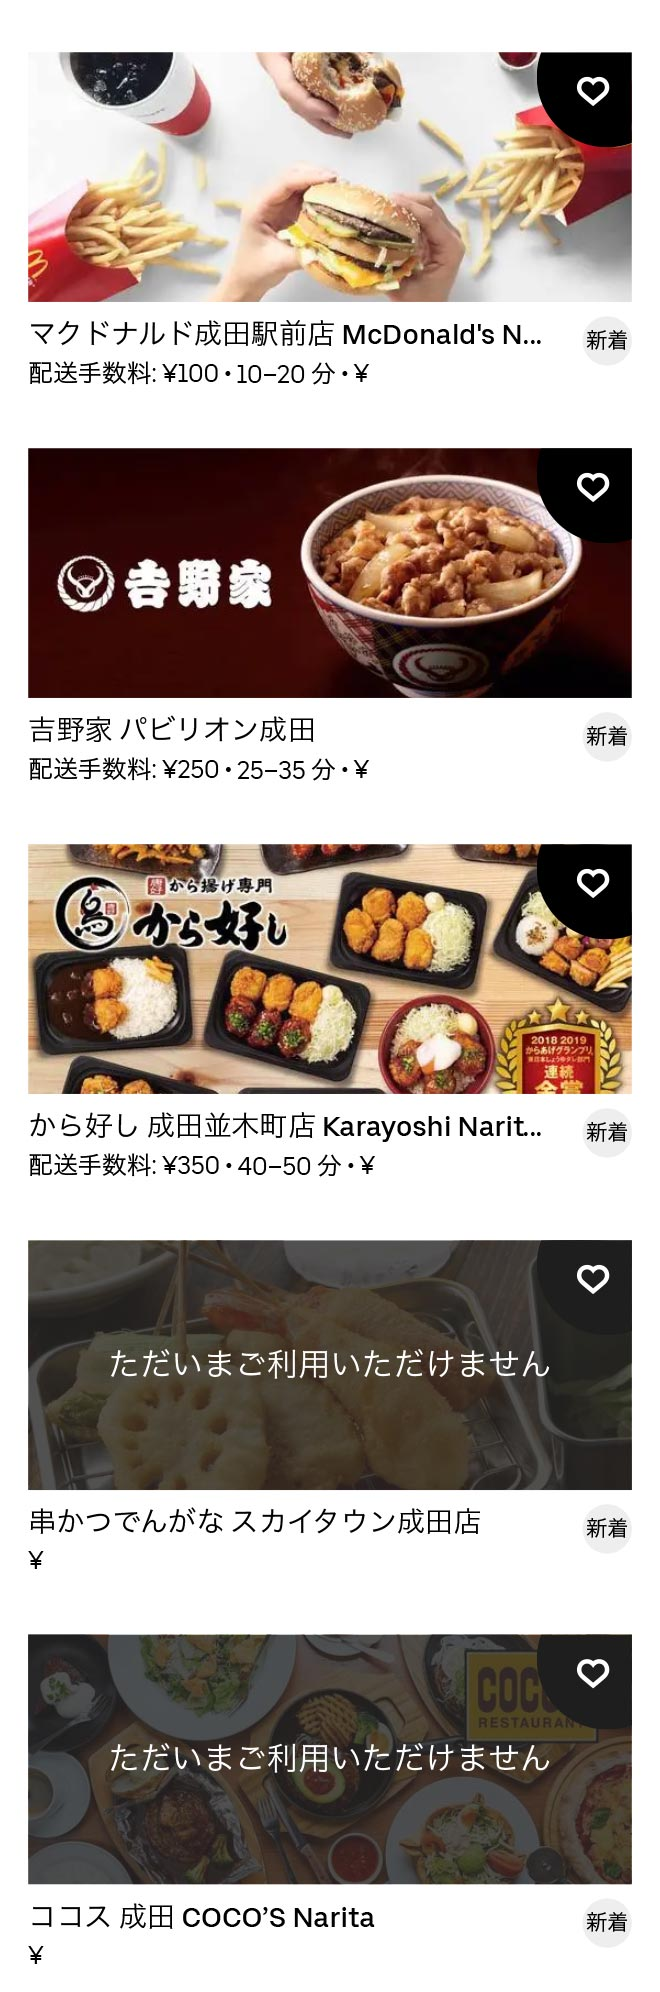 Narita menu 2011 4